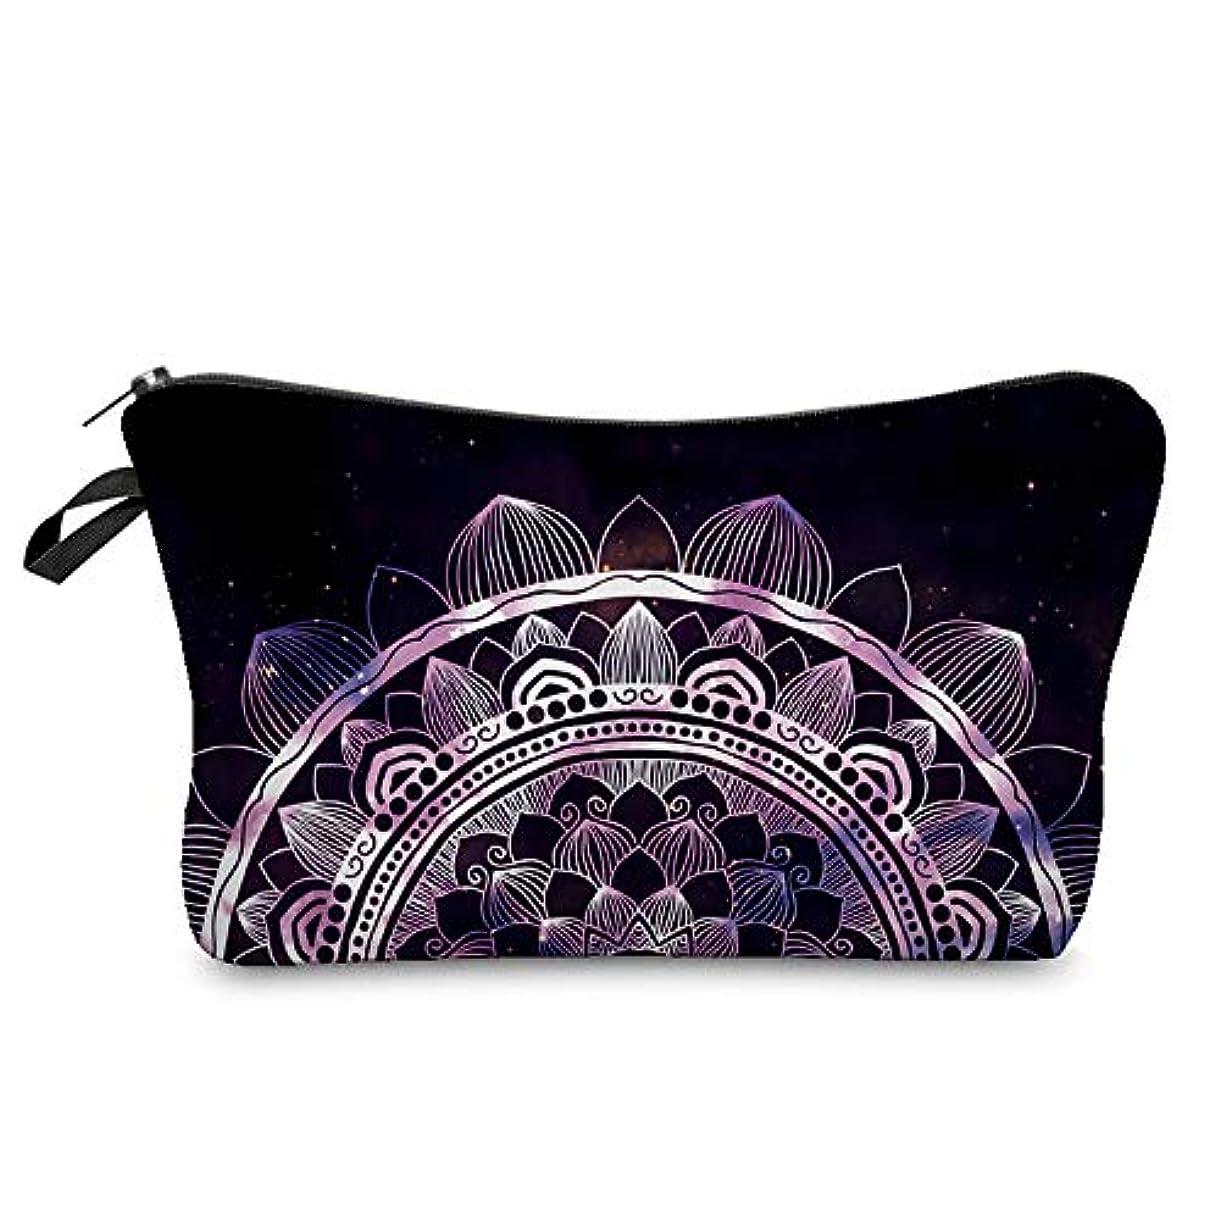 対人モロニックメダリスト1st market 優れた3D曼荼羅印刷化粧品オーガナイザーバッグ女性旅行化粧ポーチ